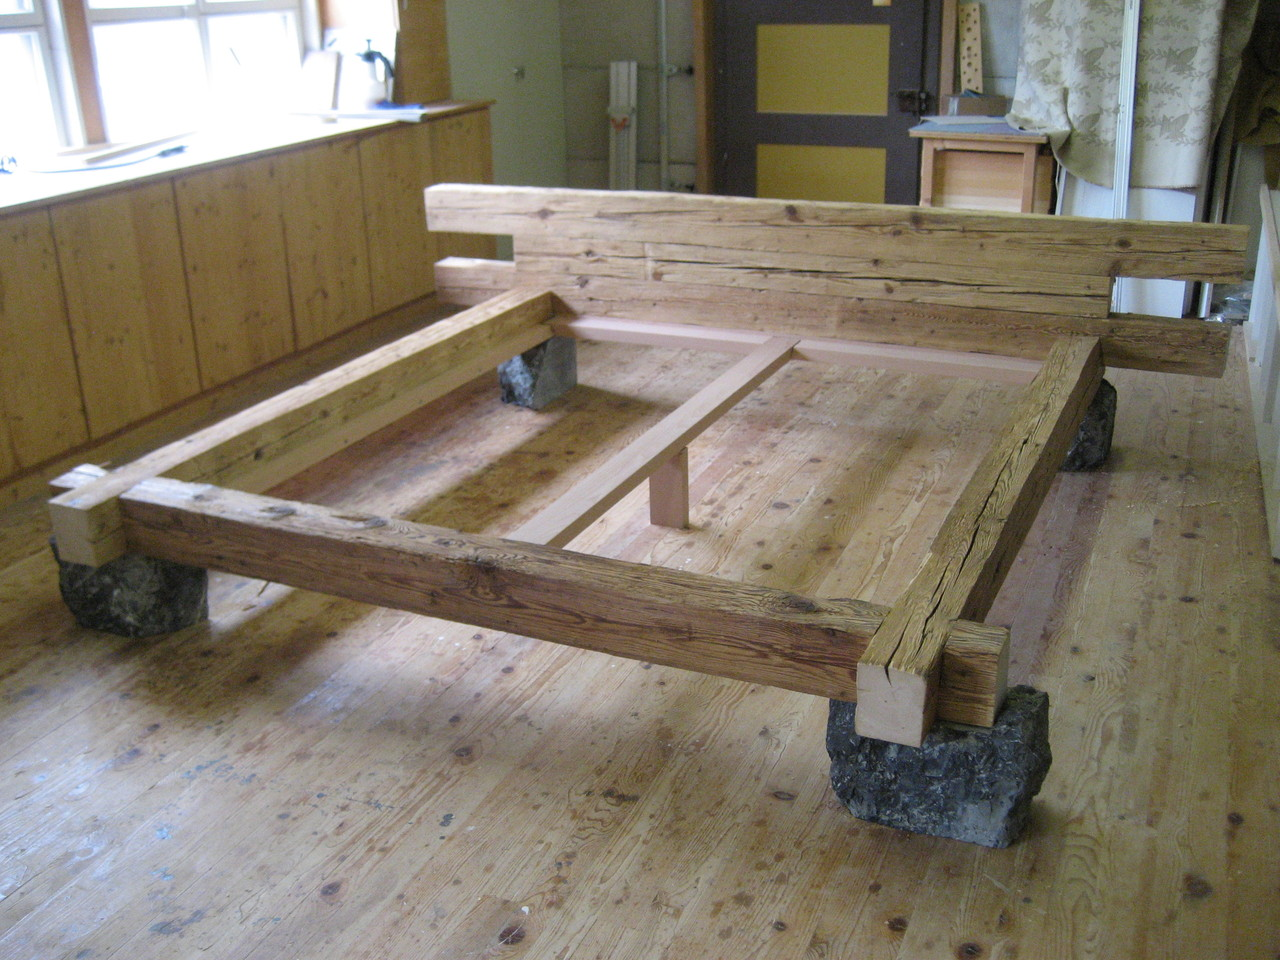 Bett in Altholz mit Natursteinbein